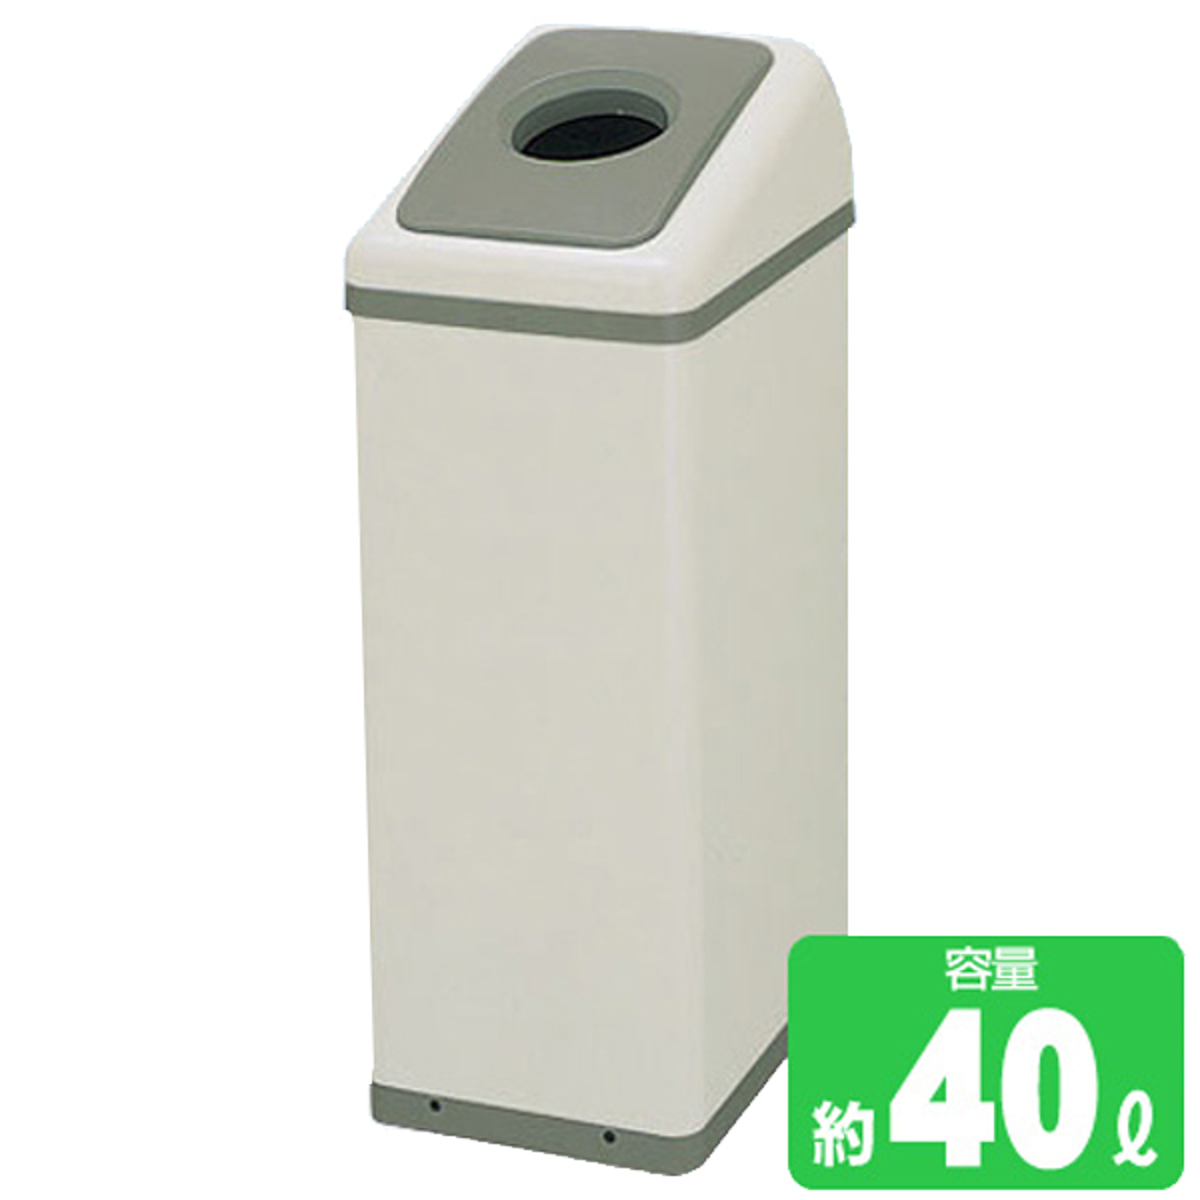 屋内用リサイクルボックス EK-360 L2 (分別ゴミ箱 ヤマザキ ダストボックス 山崎産業 送料無料 )